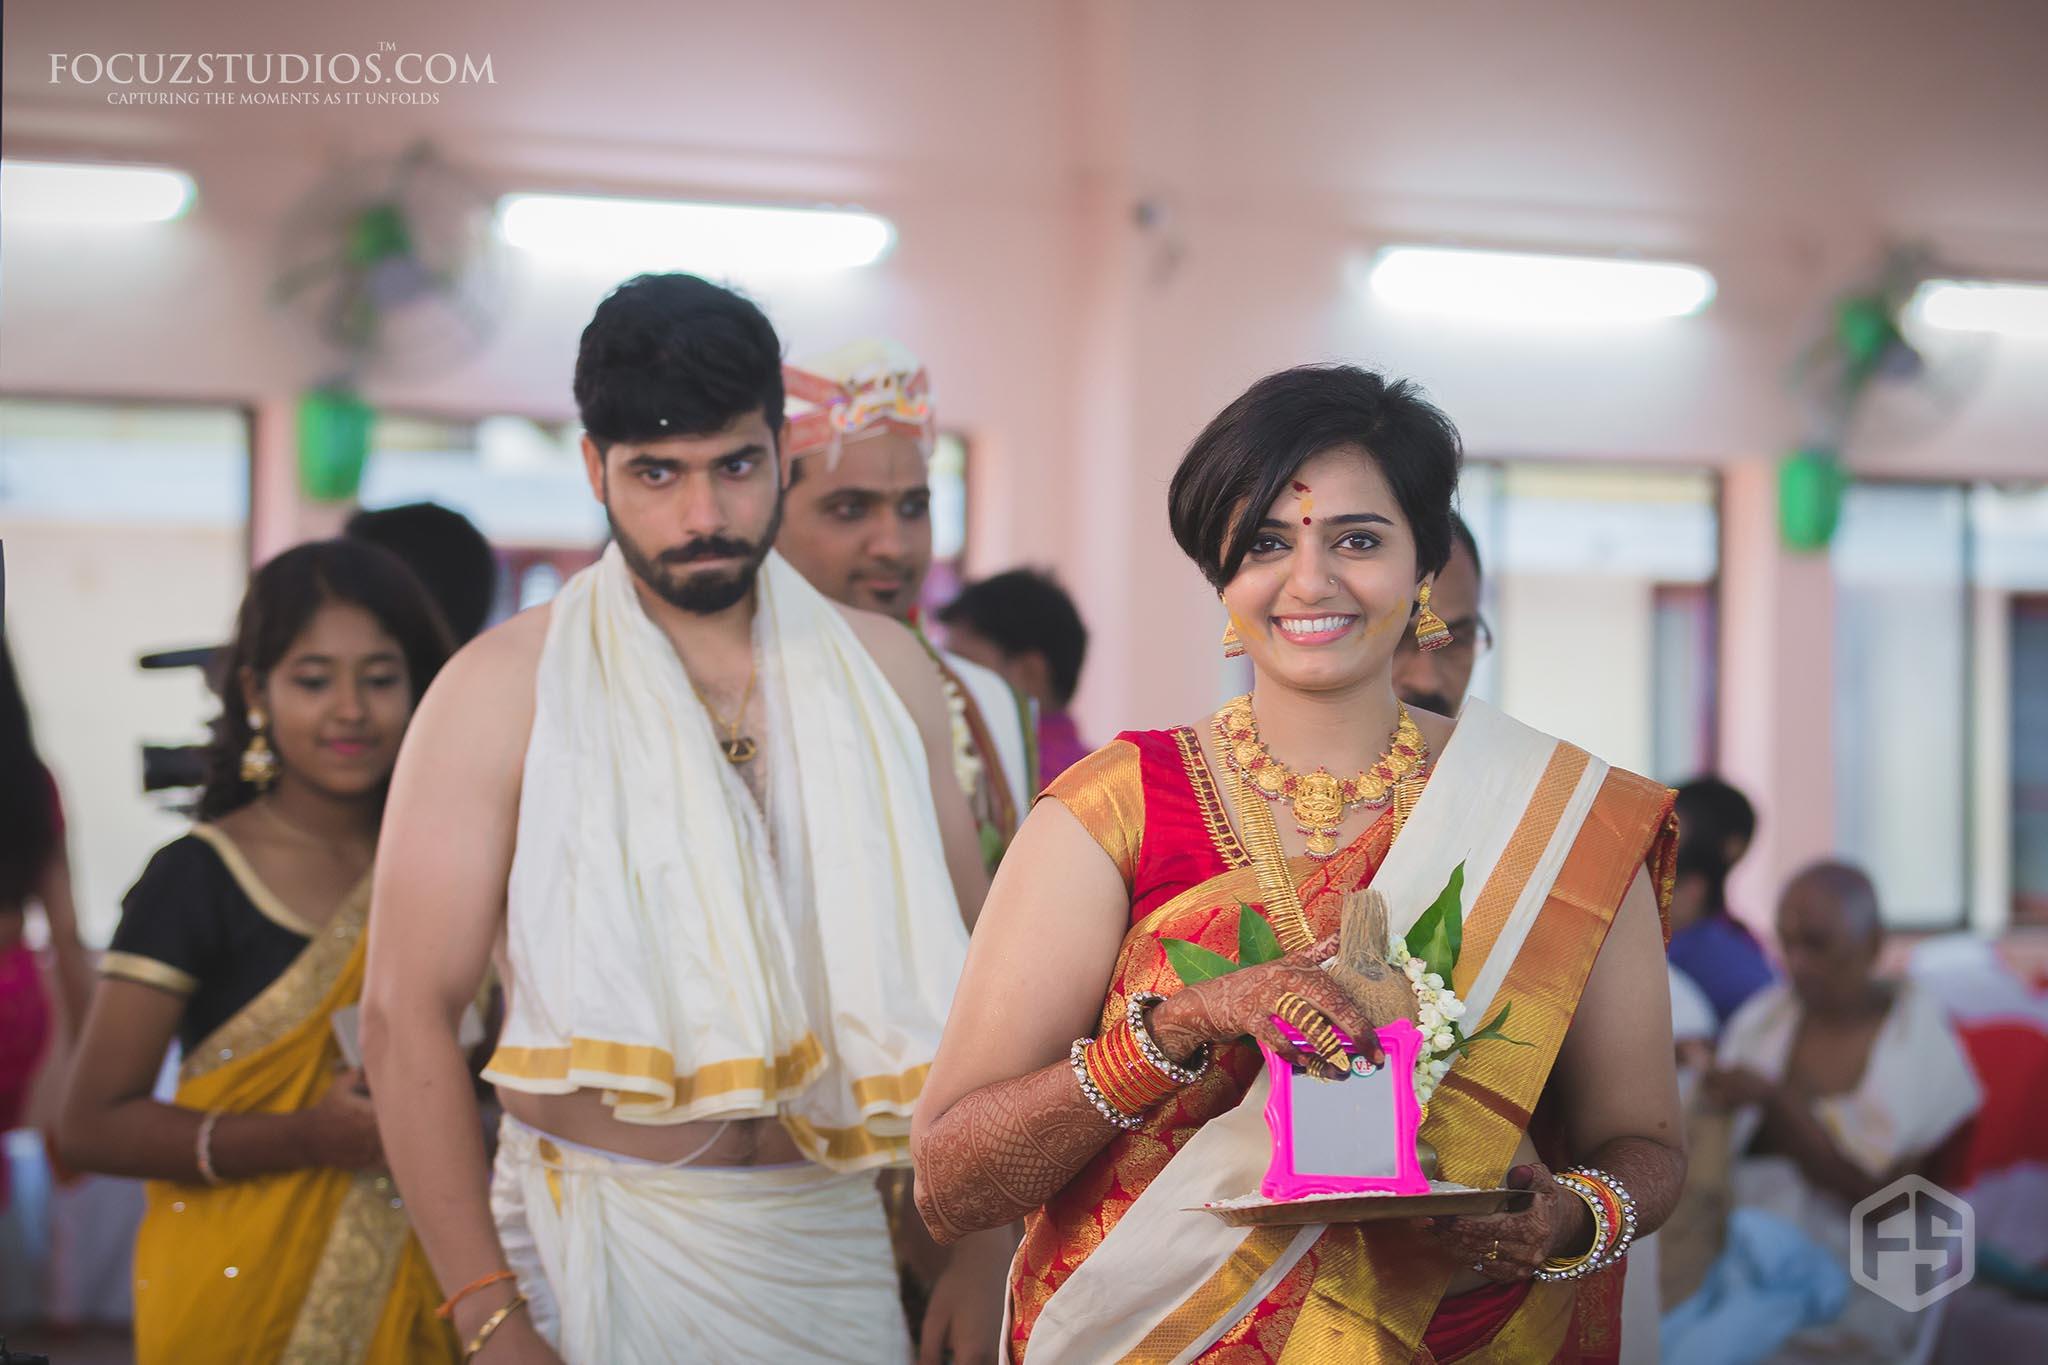 udupi-brahmins-wedding-photography-kerala-18